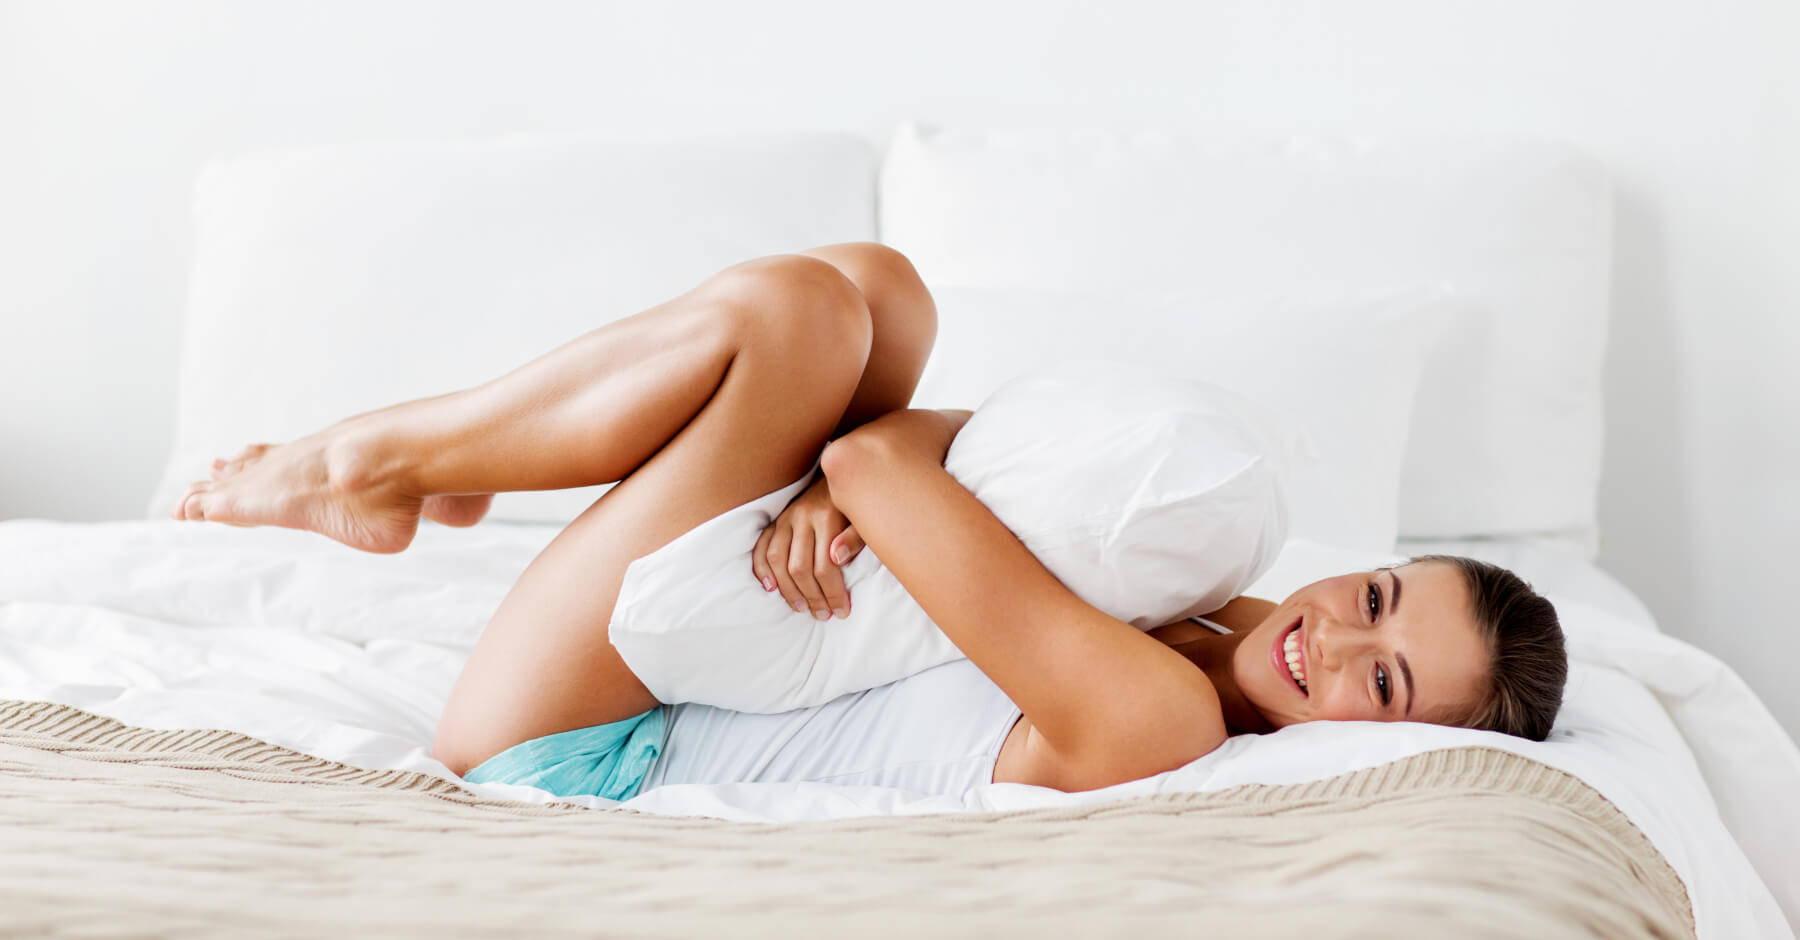 venusHOIZ - Liebeskugeln für das Beckenbodentraining nach einer Schwangerschaft